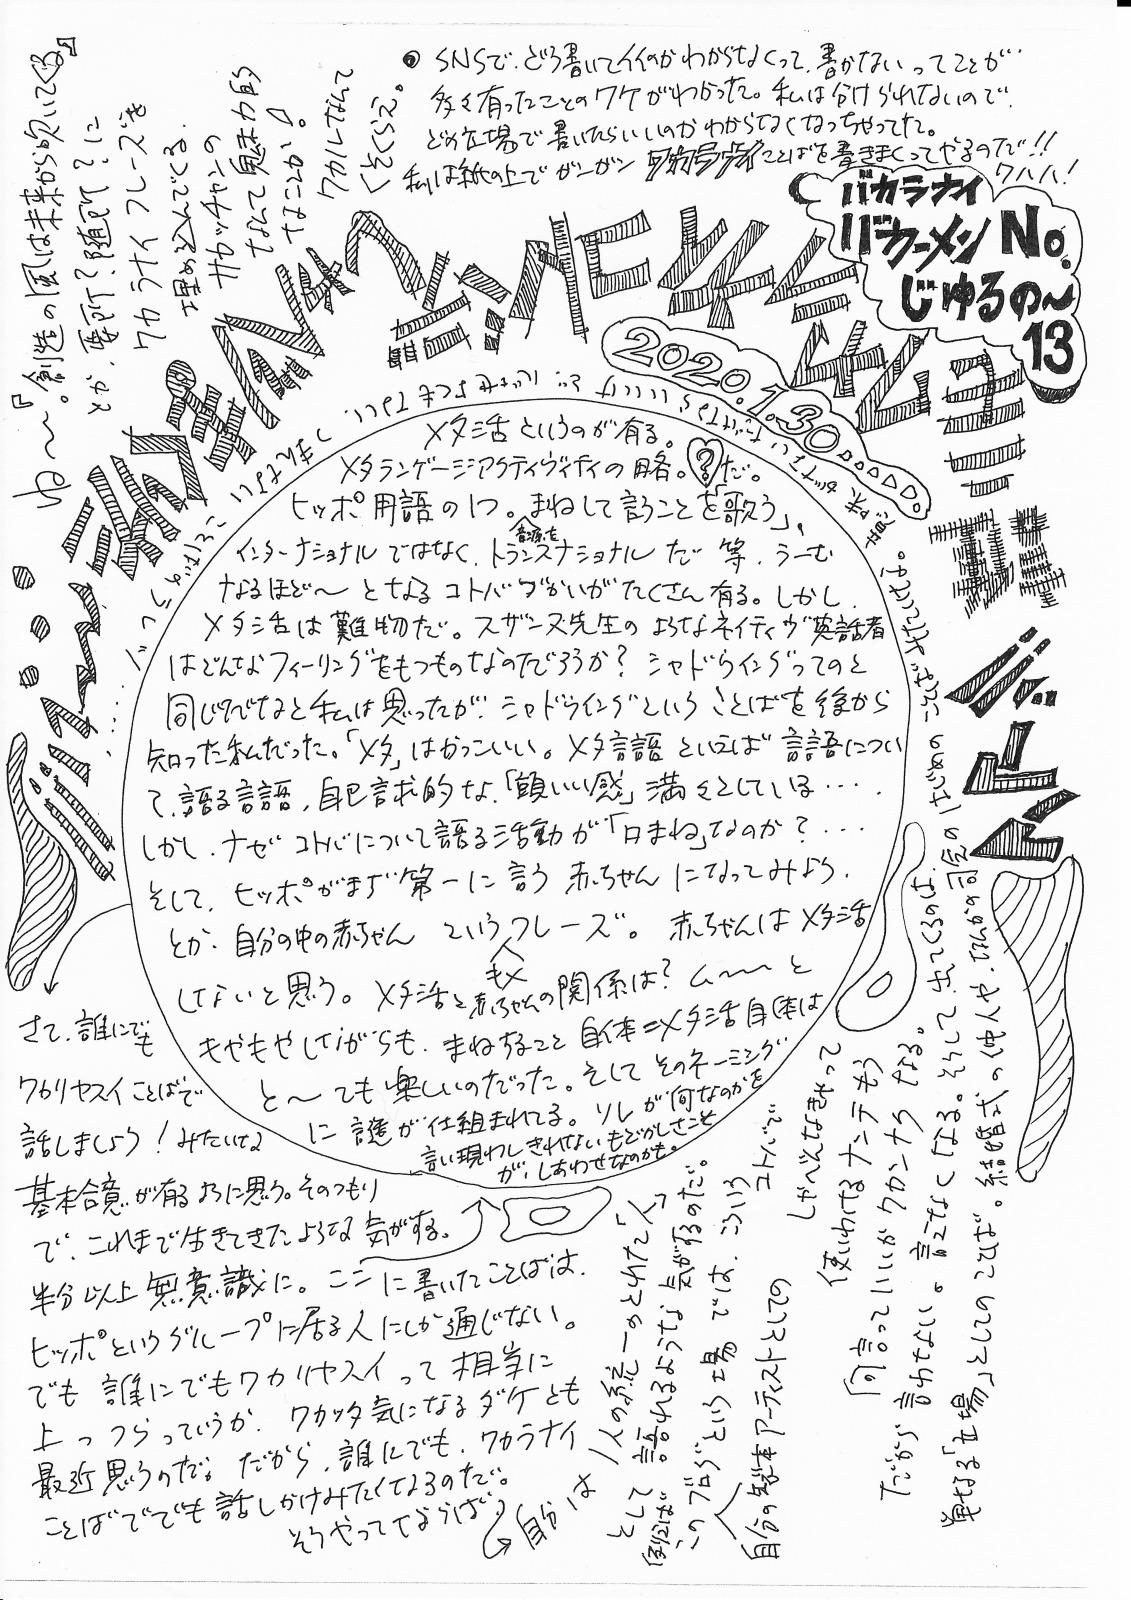 http://yoyamazaki.jp/blog/blog/%E3%81%B0%E3%81%8B%E3%83%BC%E3%82%81%E3%82%93%E3%81%98%E3%82%85%E3%82%8B%E3%81%AE13.jpg